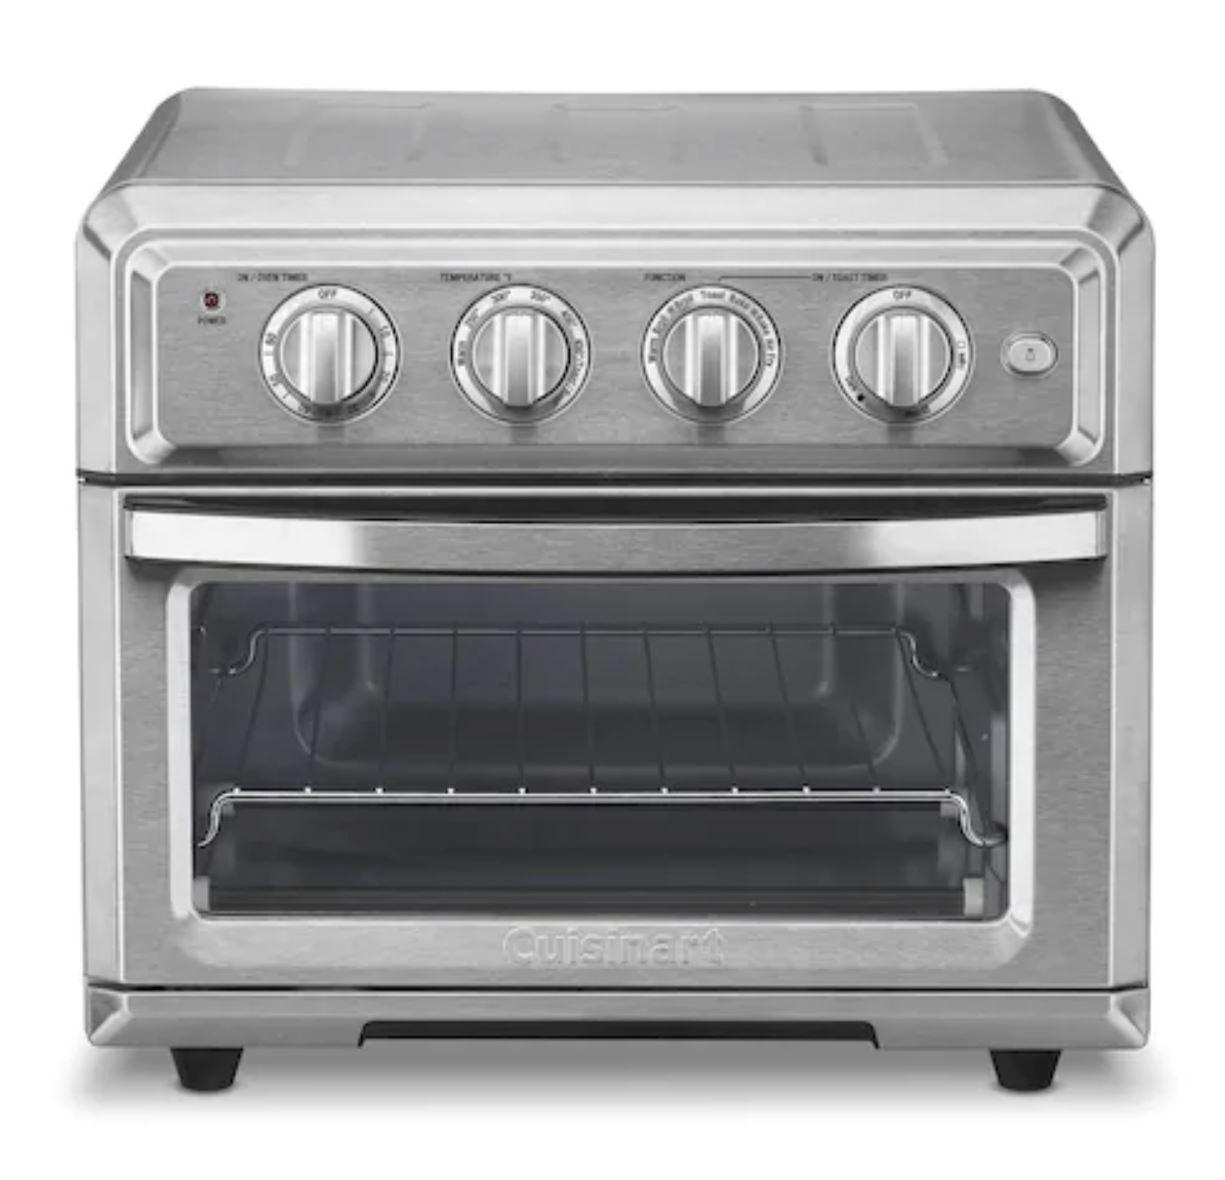 Cuisinart Air Fryer Toaster Kohl's